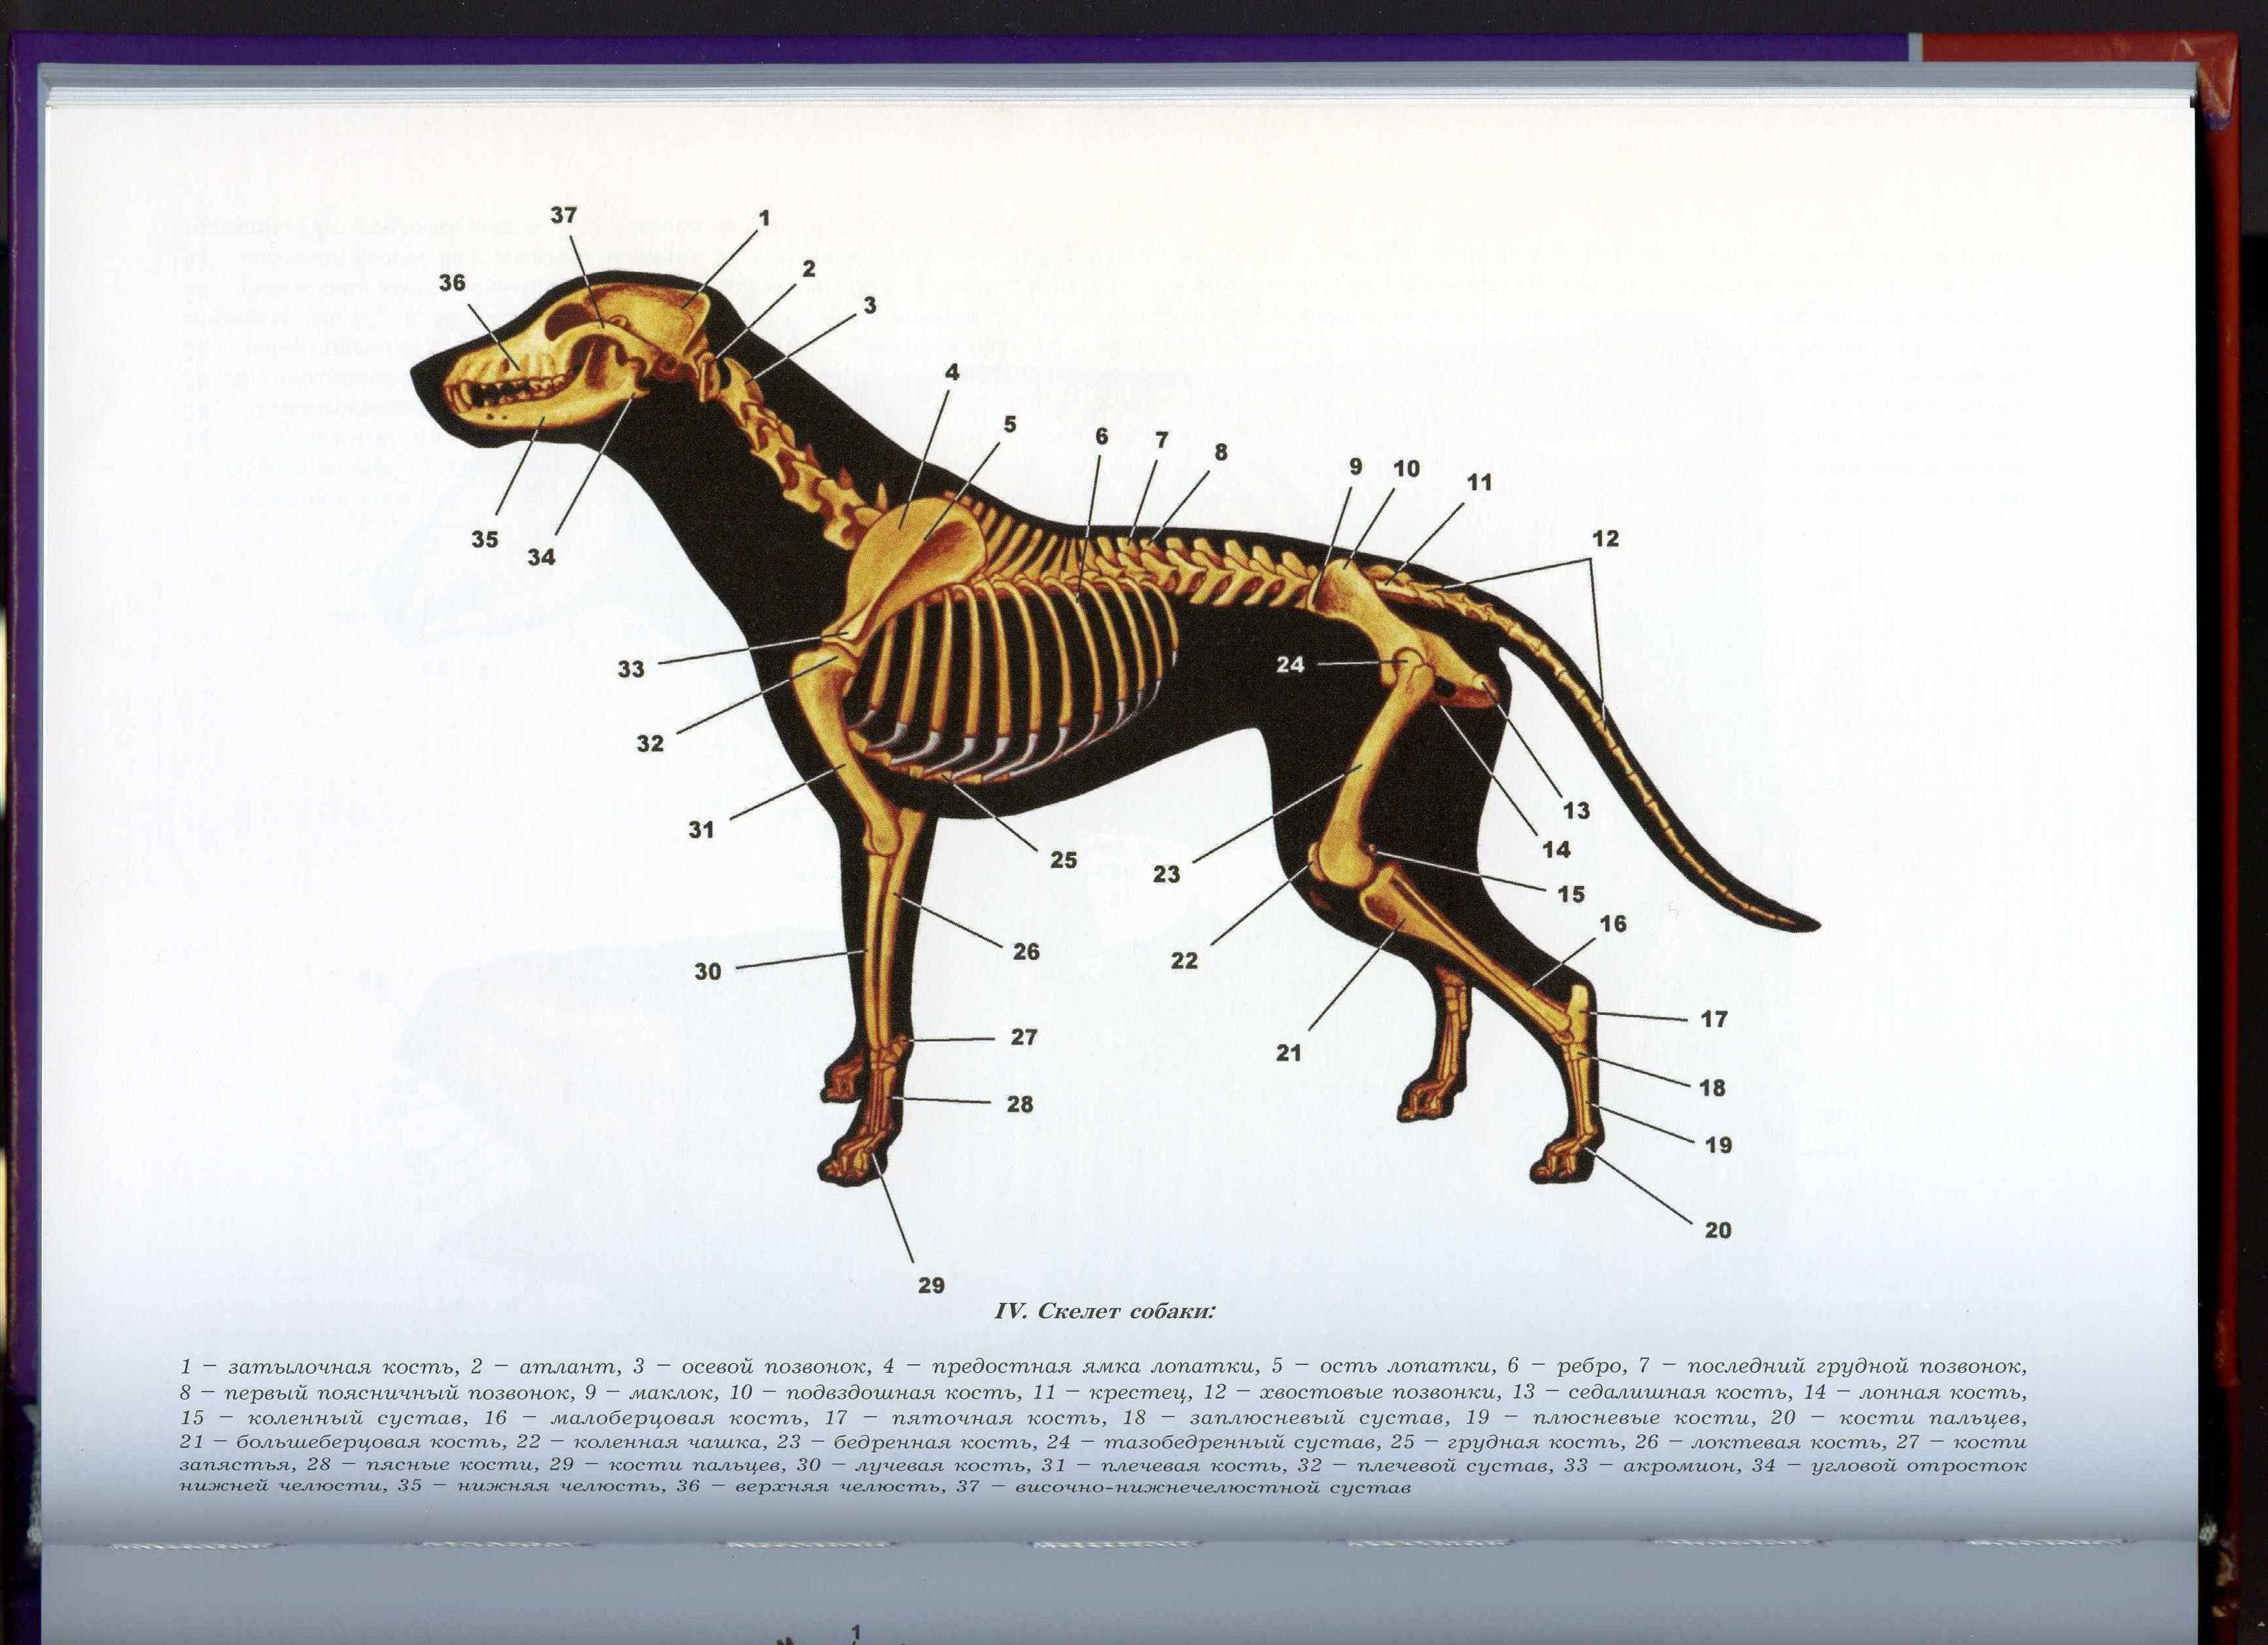 Все, что нужно знать владельцу об анатомии собаки